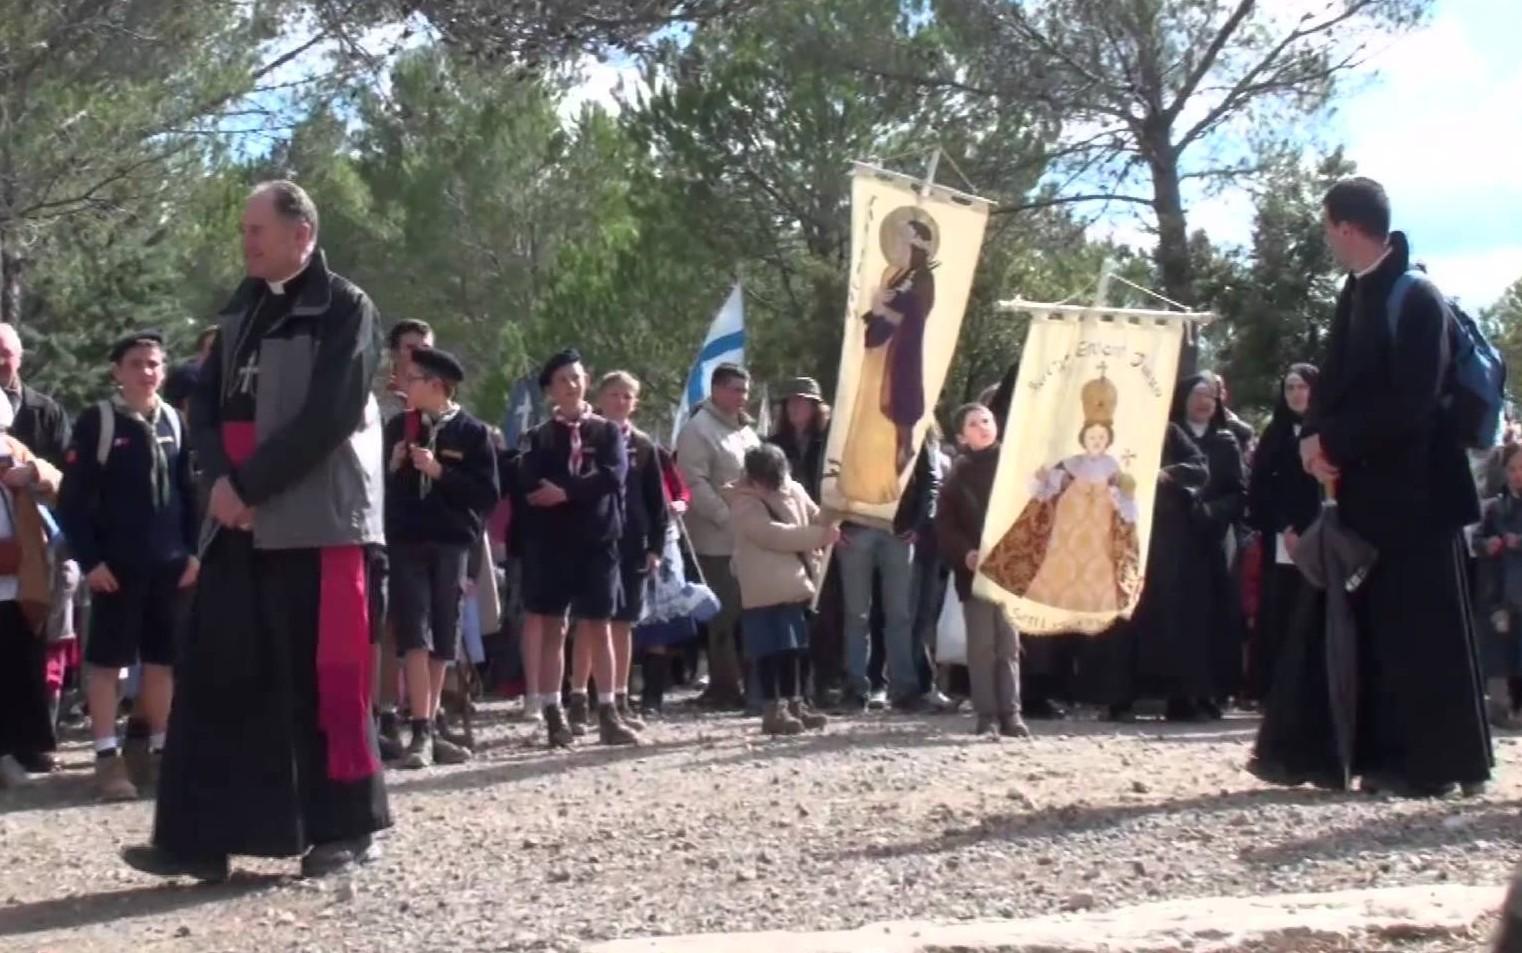 Nuestra Señora de las Gracias de Cotignac, Aparición de María y San José, Francia (10 ago, 7 jun)